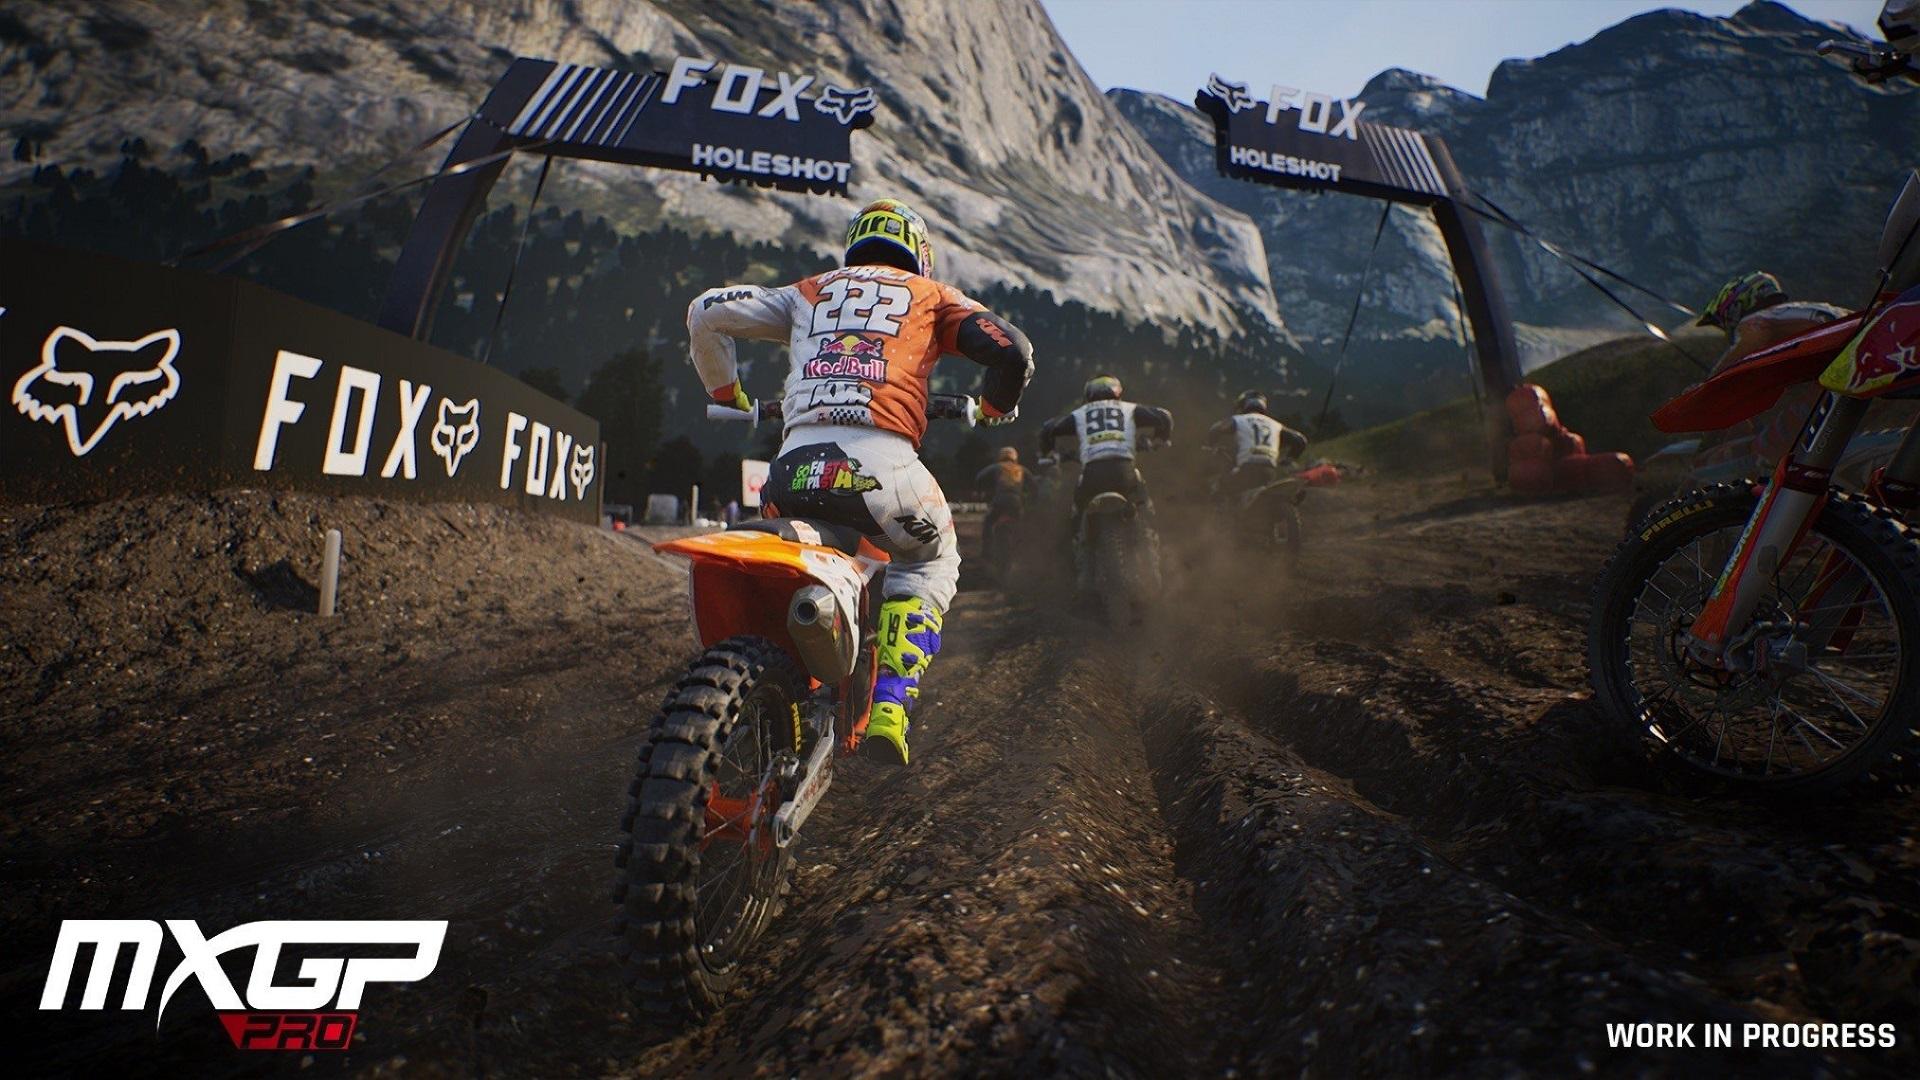 تریلر زمان عرضهی بازی MXGP 2019 منتشر شد